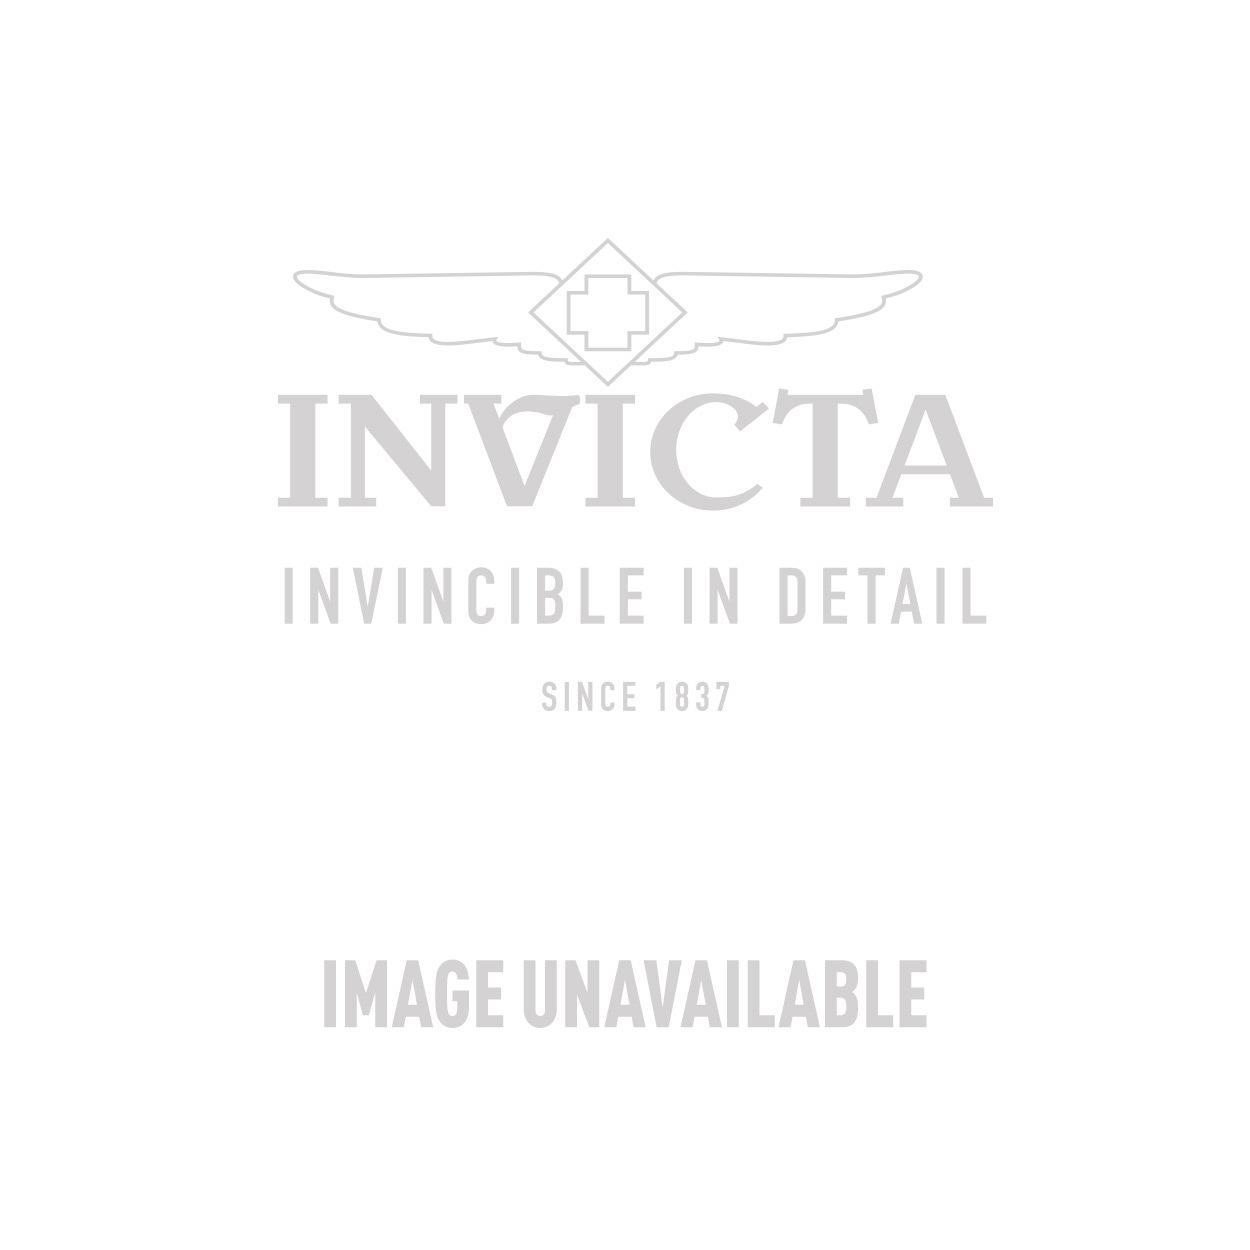 Invicta Model 25325